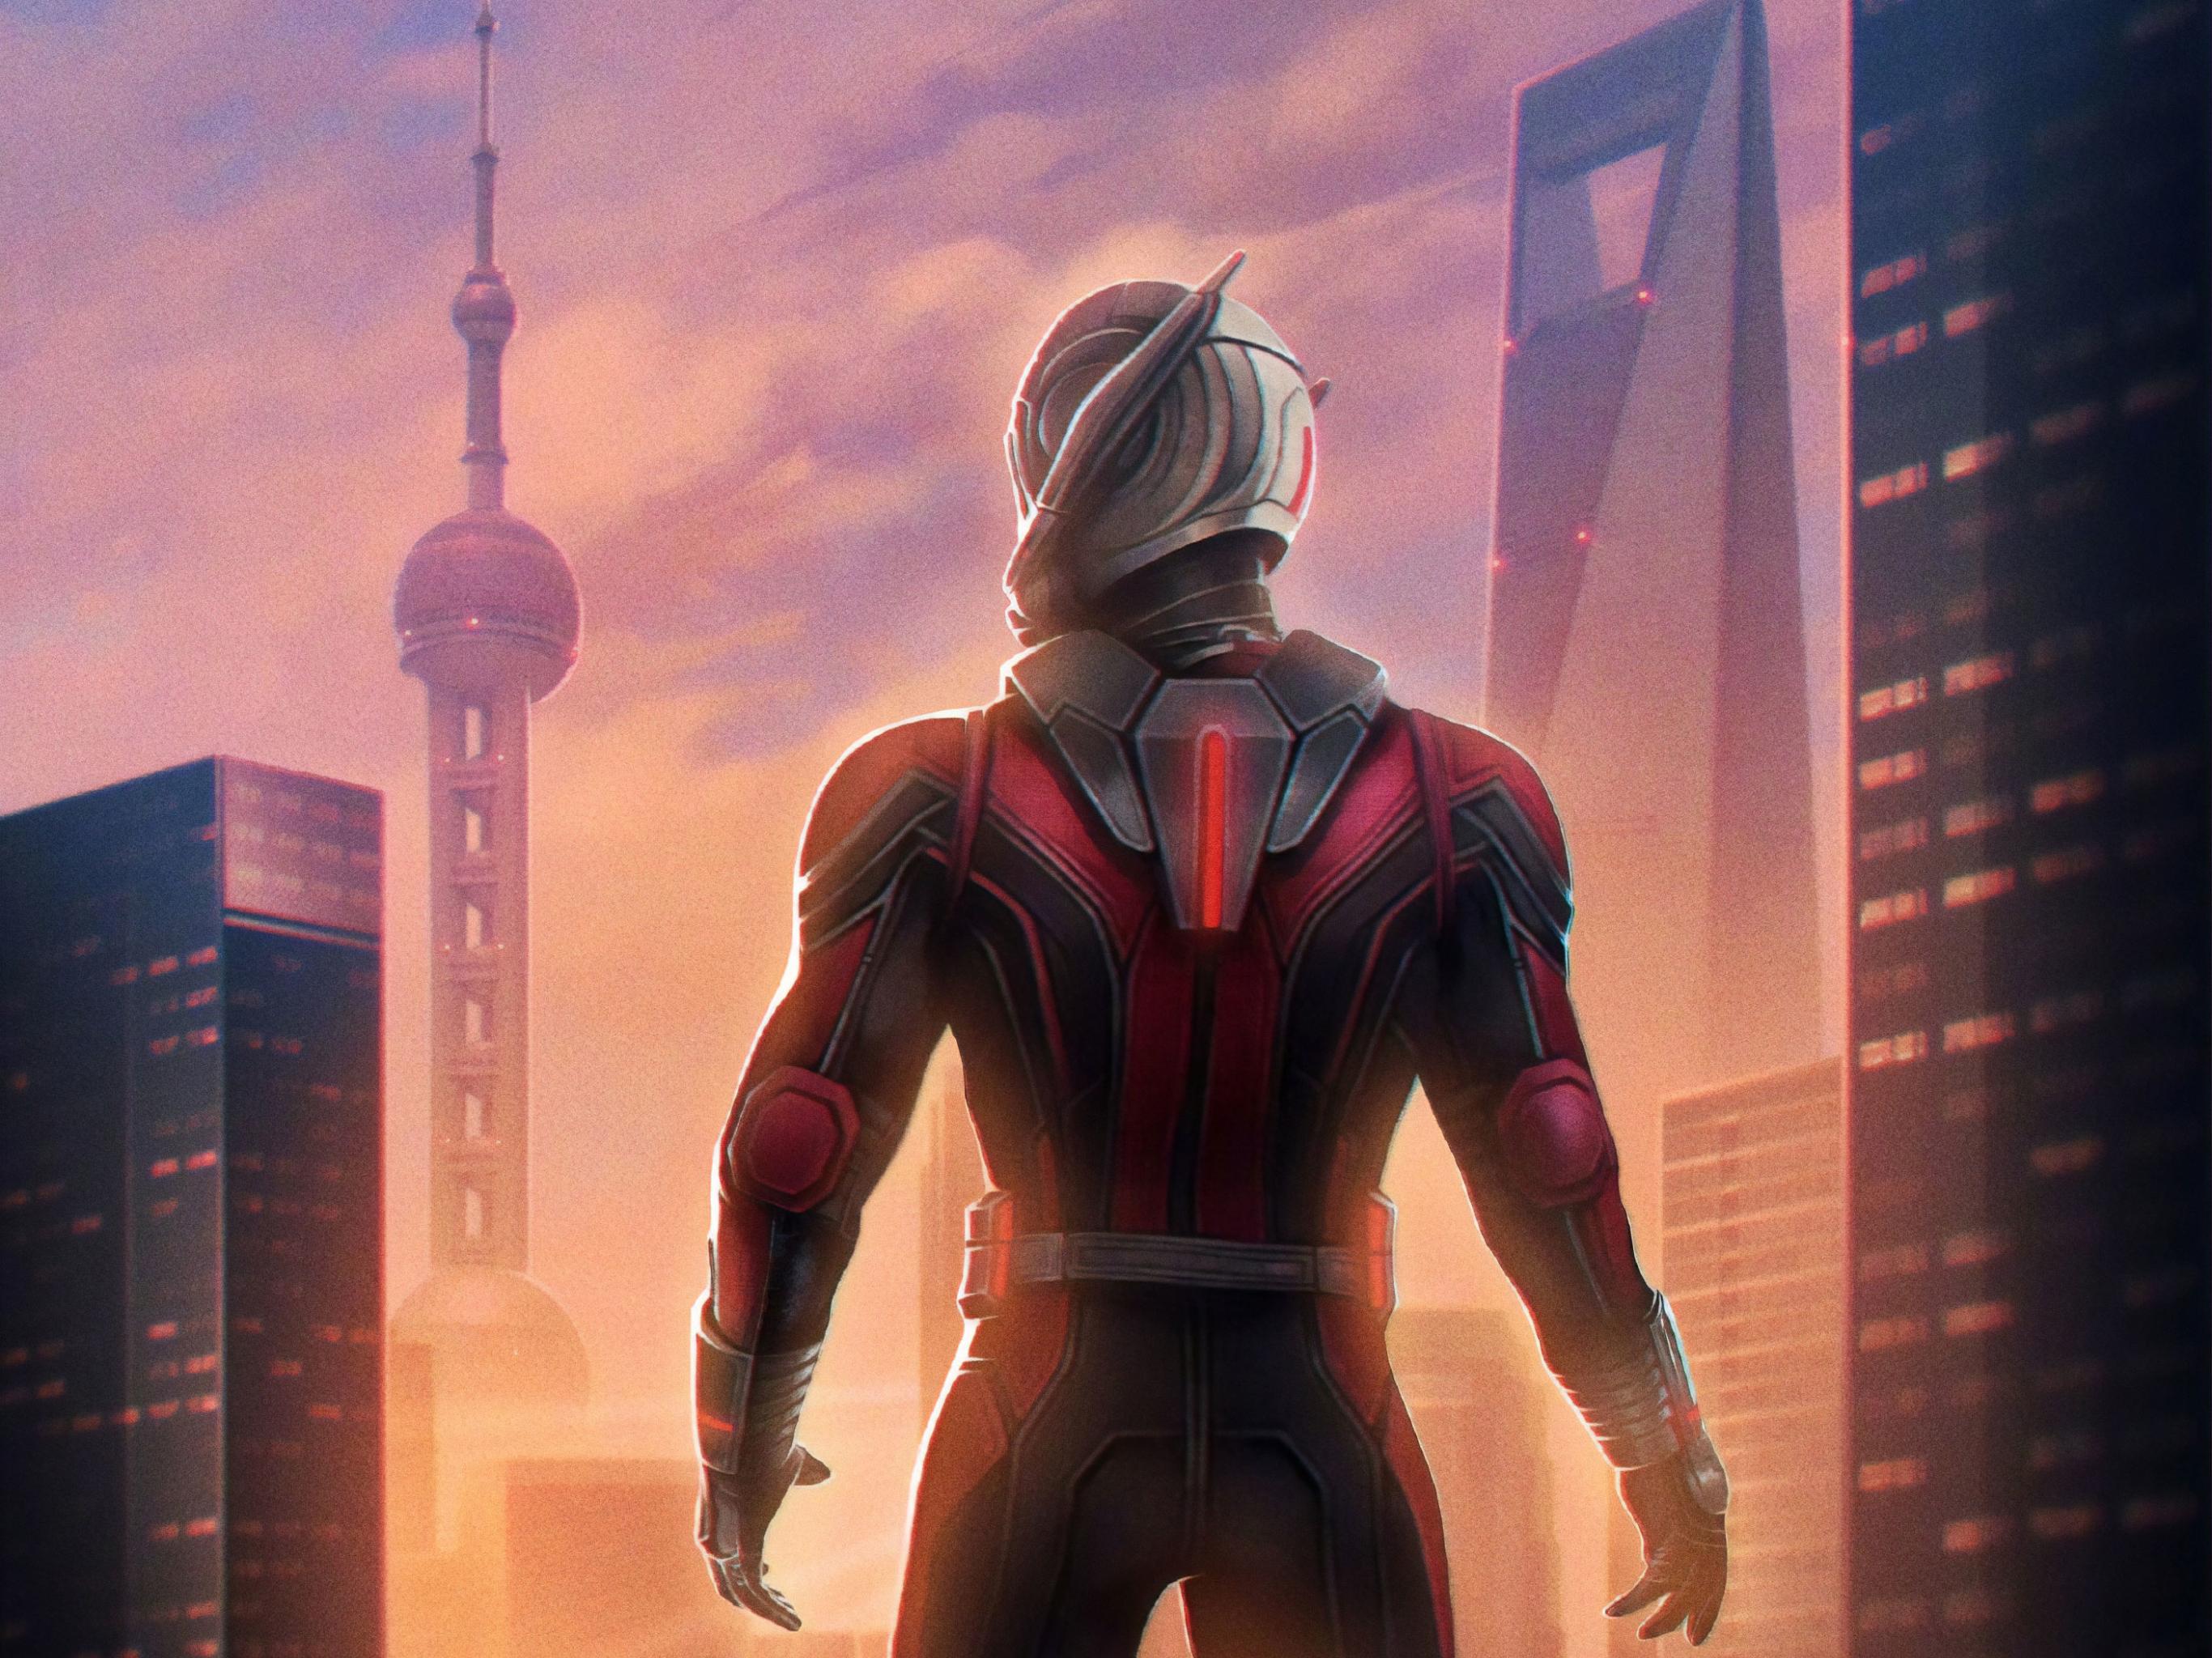 2732x2048 Ant Man Avengers Endgame 2732x2048 Resolution Wallpaper